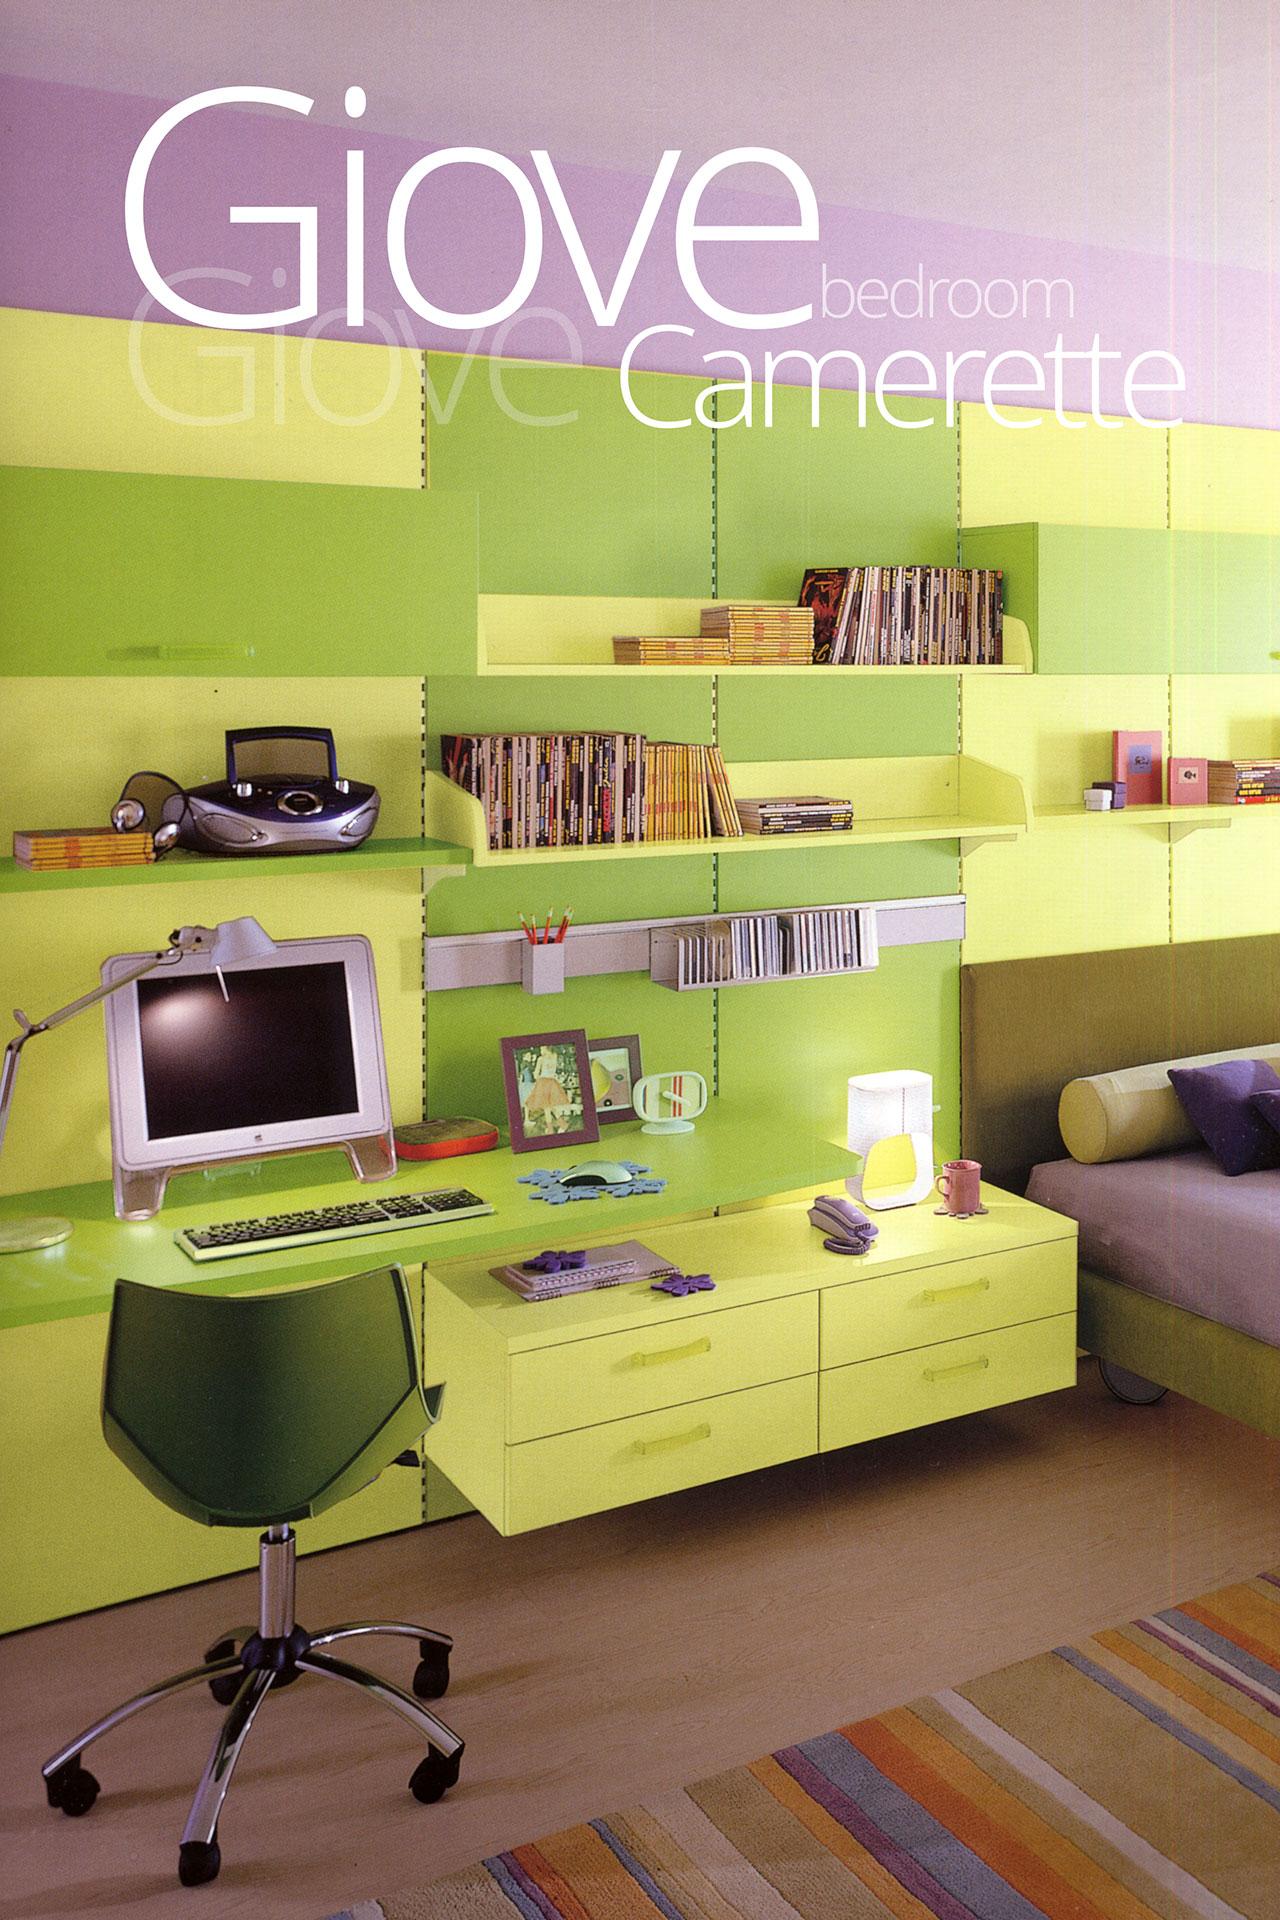 giove-camerette40x60